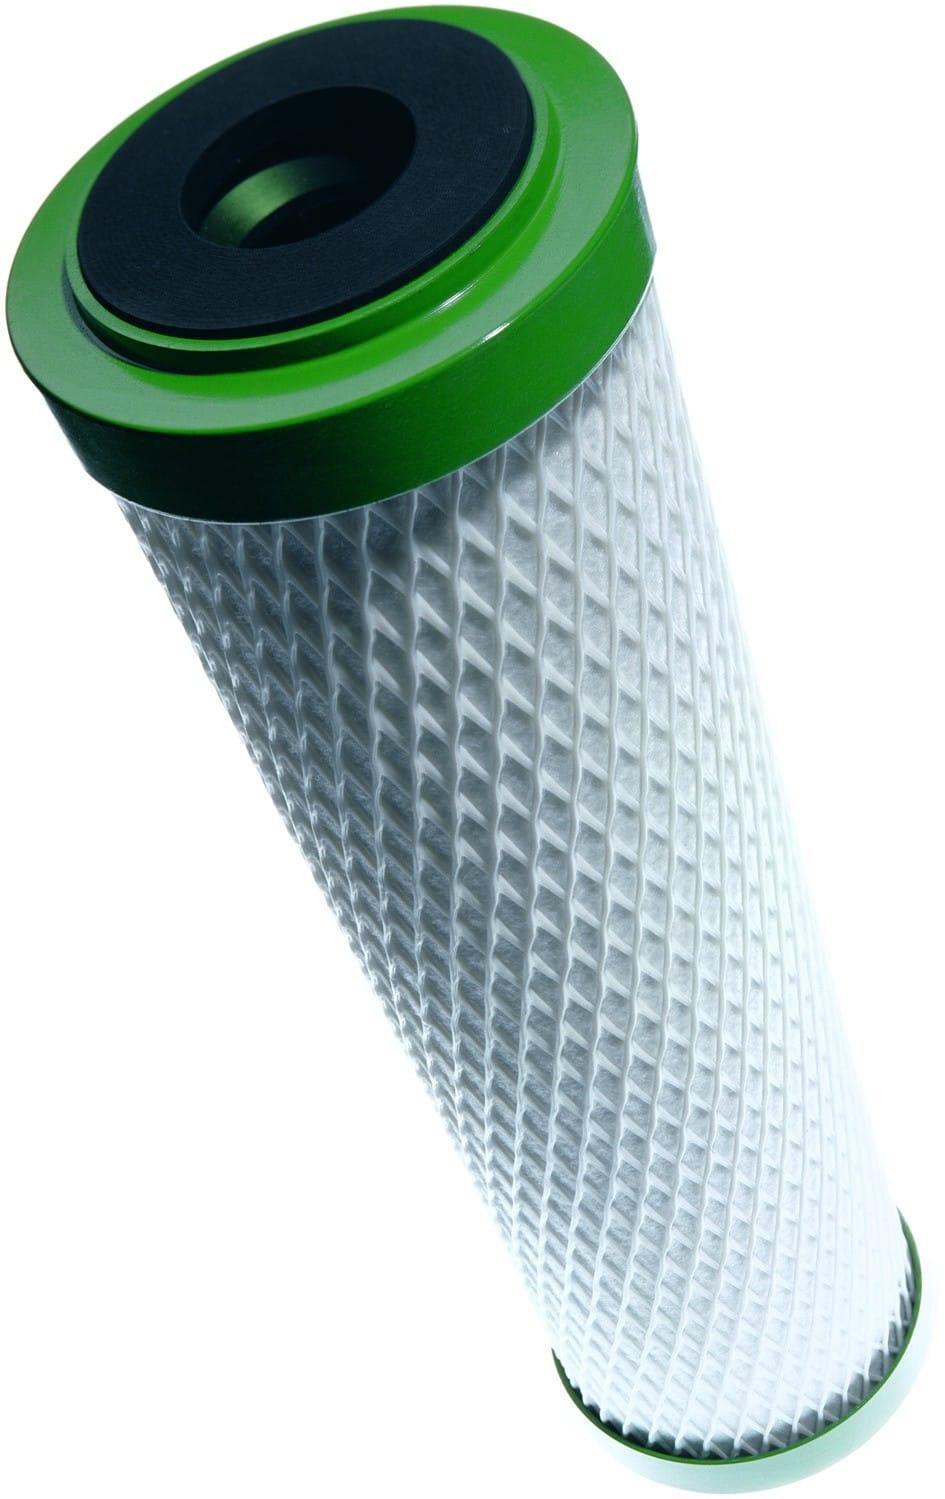 Cartouche NFP Premium de Carbonit recharge pour filtres 9 - 3/4 soit 70 x248 mm